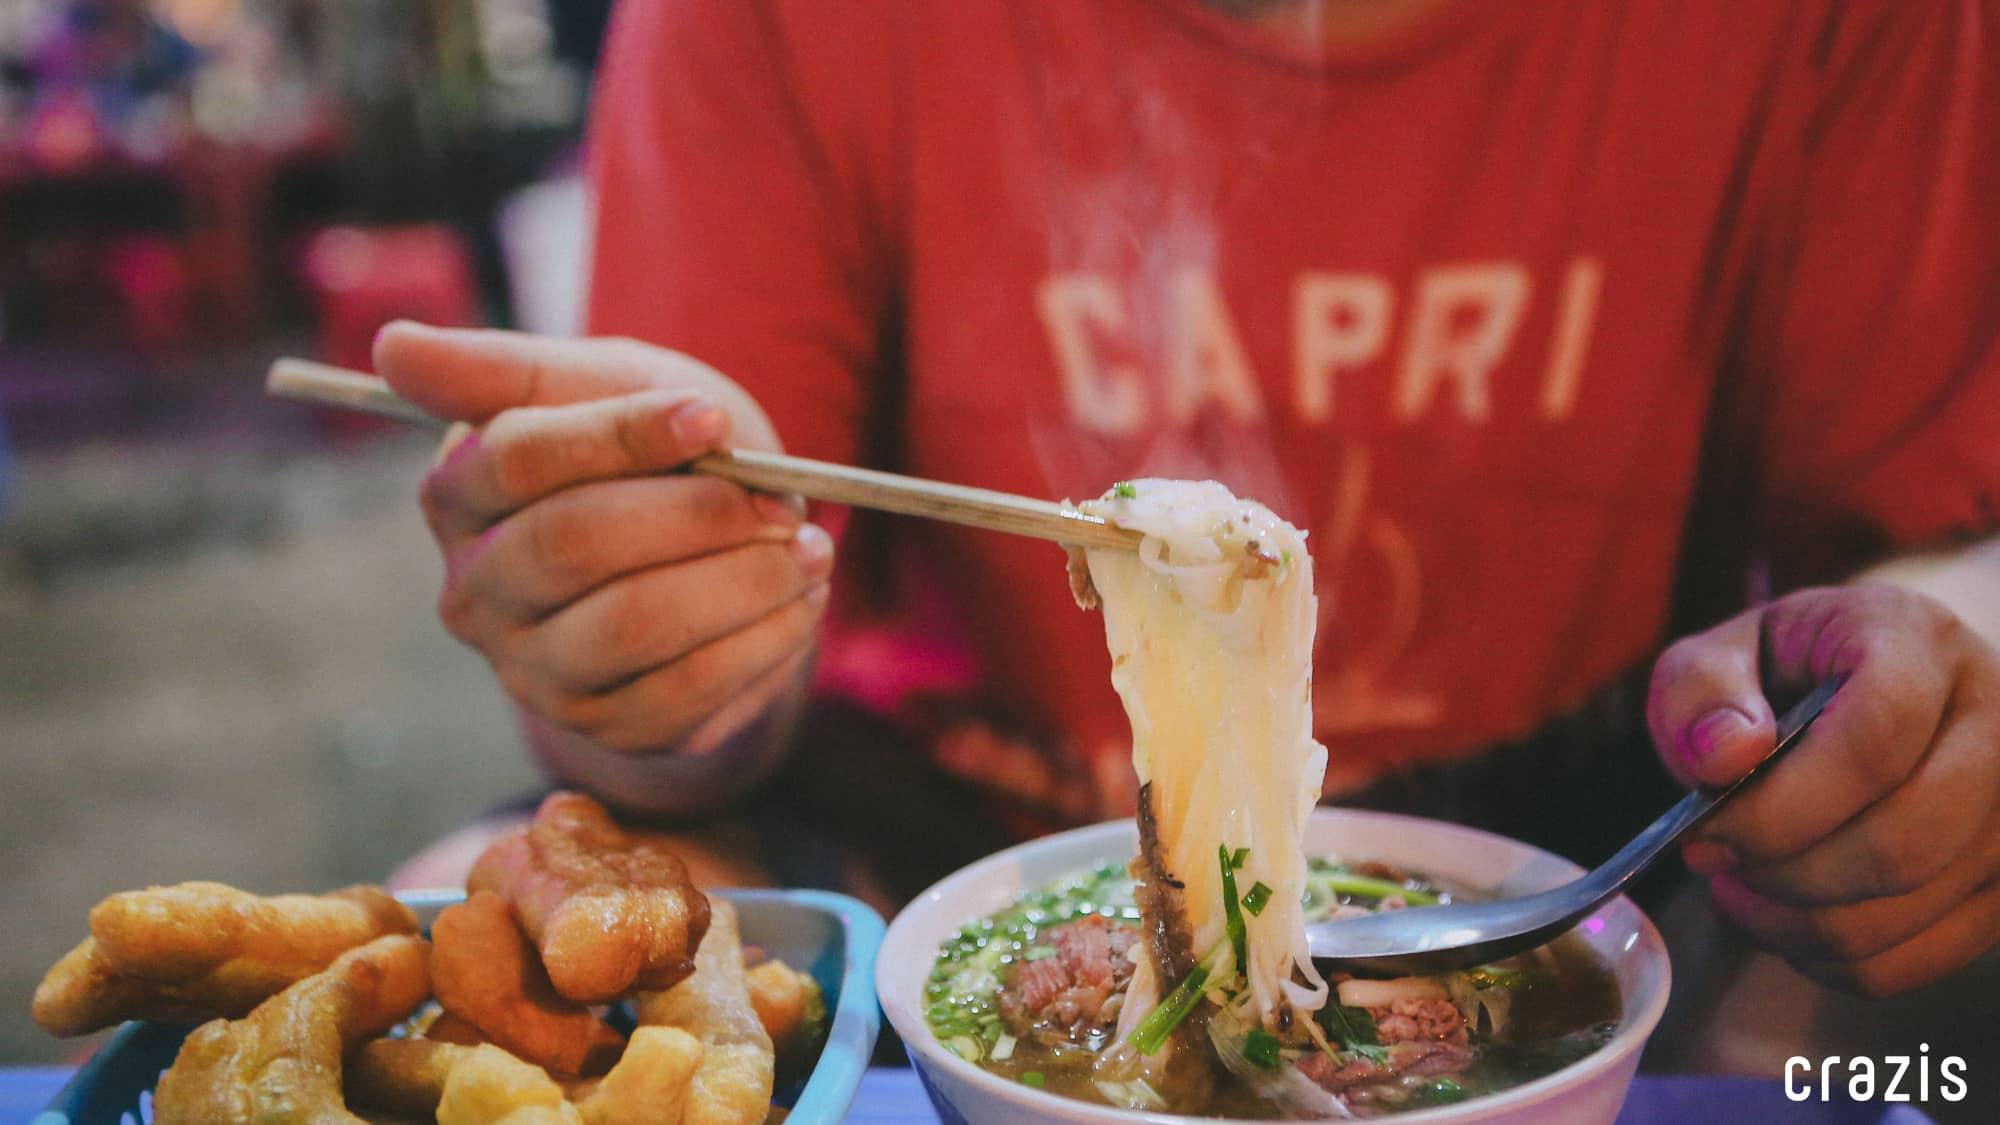 Thực phẩm chứa tinh bột và đường không được ăn khi áp dụng DAS Diet